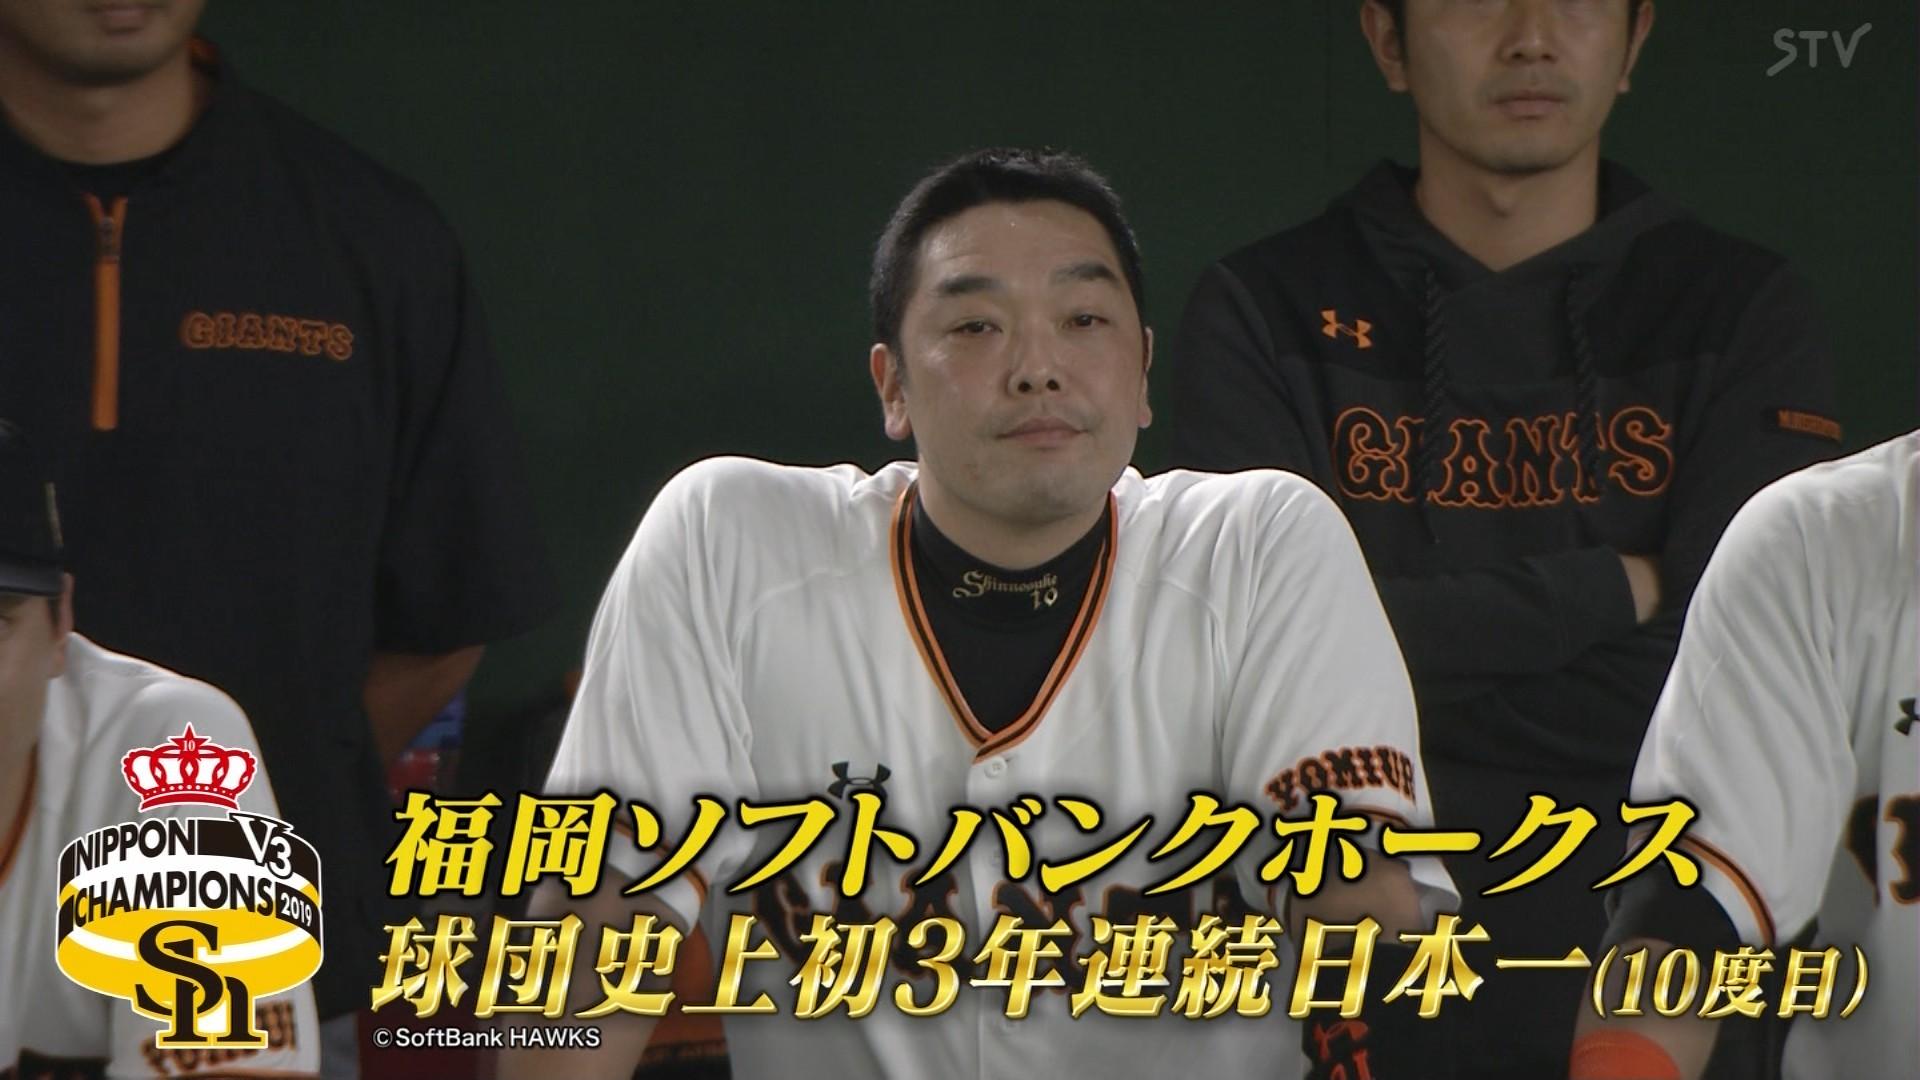 読売オールブラックス(●●●●)が敗れ、ソフトバンクホークスが3年連続の日本一達成!